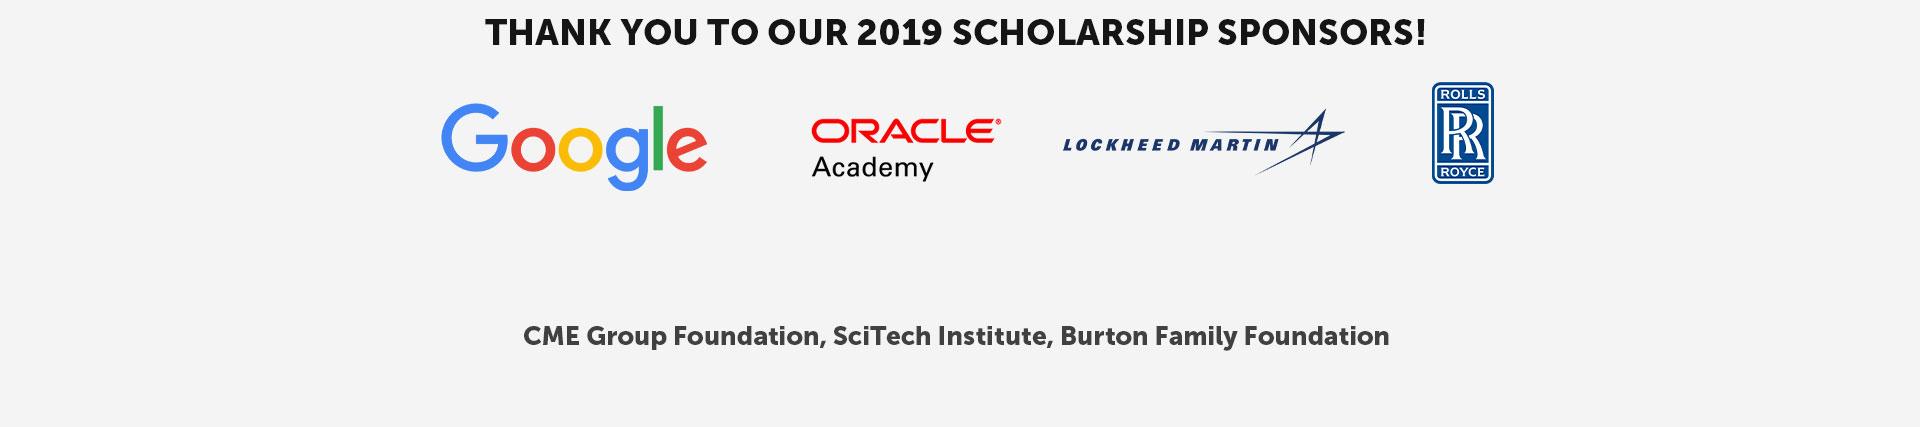 Scholarship Sponsors